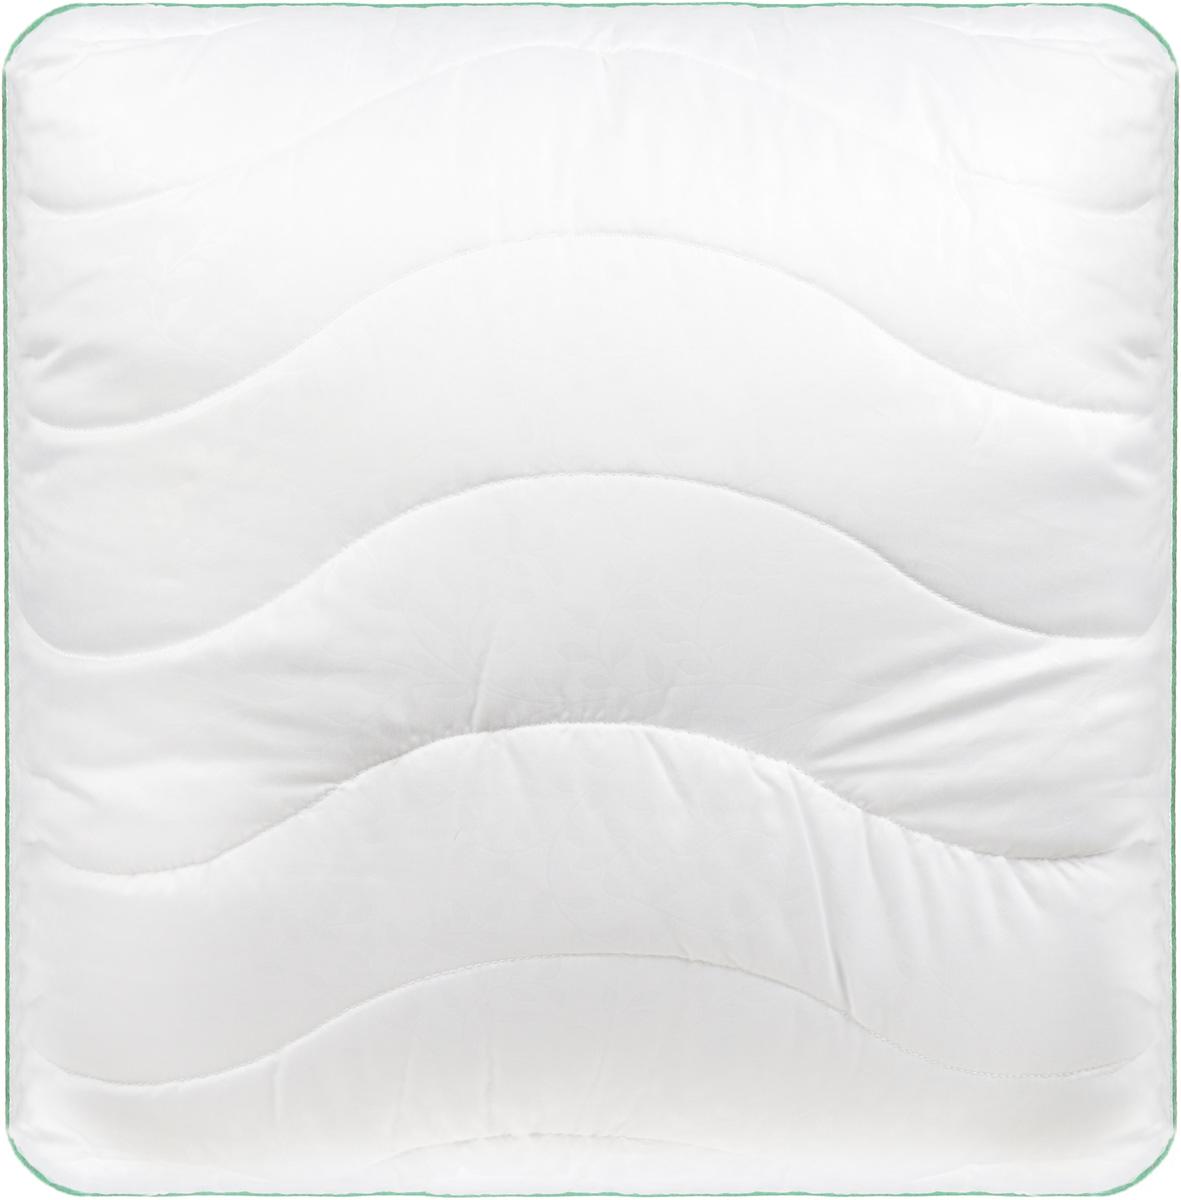 Подушка Легкие сны Тропикана, наполнитель: бамбуковое волокно, 68 x 68 см77(40)07-БВПодушка Легкие сны Тропикана поможет расслабиться, снимет усталость и подарит вам спокойный и здоровый сон. Волокно бамбука - это натуральный материал, добываемый из стеблей растения. Он обладает способностью быстро впитывать и испарять влагу, а также антибактериальными свойствами, что препятствует появлению пылевых клещей и болезнетворных бактерий. Изделия с наполнителем из бамбука легко пропускают воздух. Они отличаются превосходными дезодорирующими свойствами, мягкие, легкие, простые в уходе, гипоаллергенные и подходят абсолютно всем. Чехол изделия выполнен из микрофибры (100% полиэстер) белого цвета с тиснением в виде растительного рисунка, по краю подушка отделана атласным кантом травяного цвета. Подушку можно стирать в стиральной машине. Степень поддержки: средняя. Уважаемые клиенты! Обращаем ваше внимание на цветовой ассортимент товара. Поставка осуществляется в зависимости от наличия на складе.